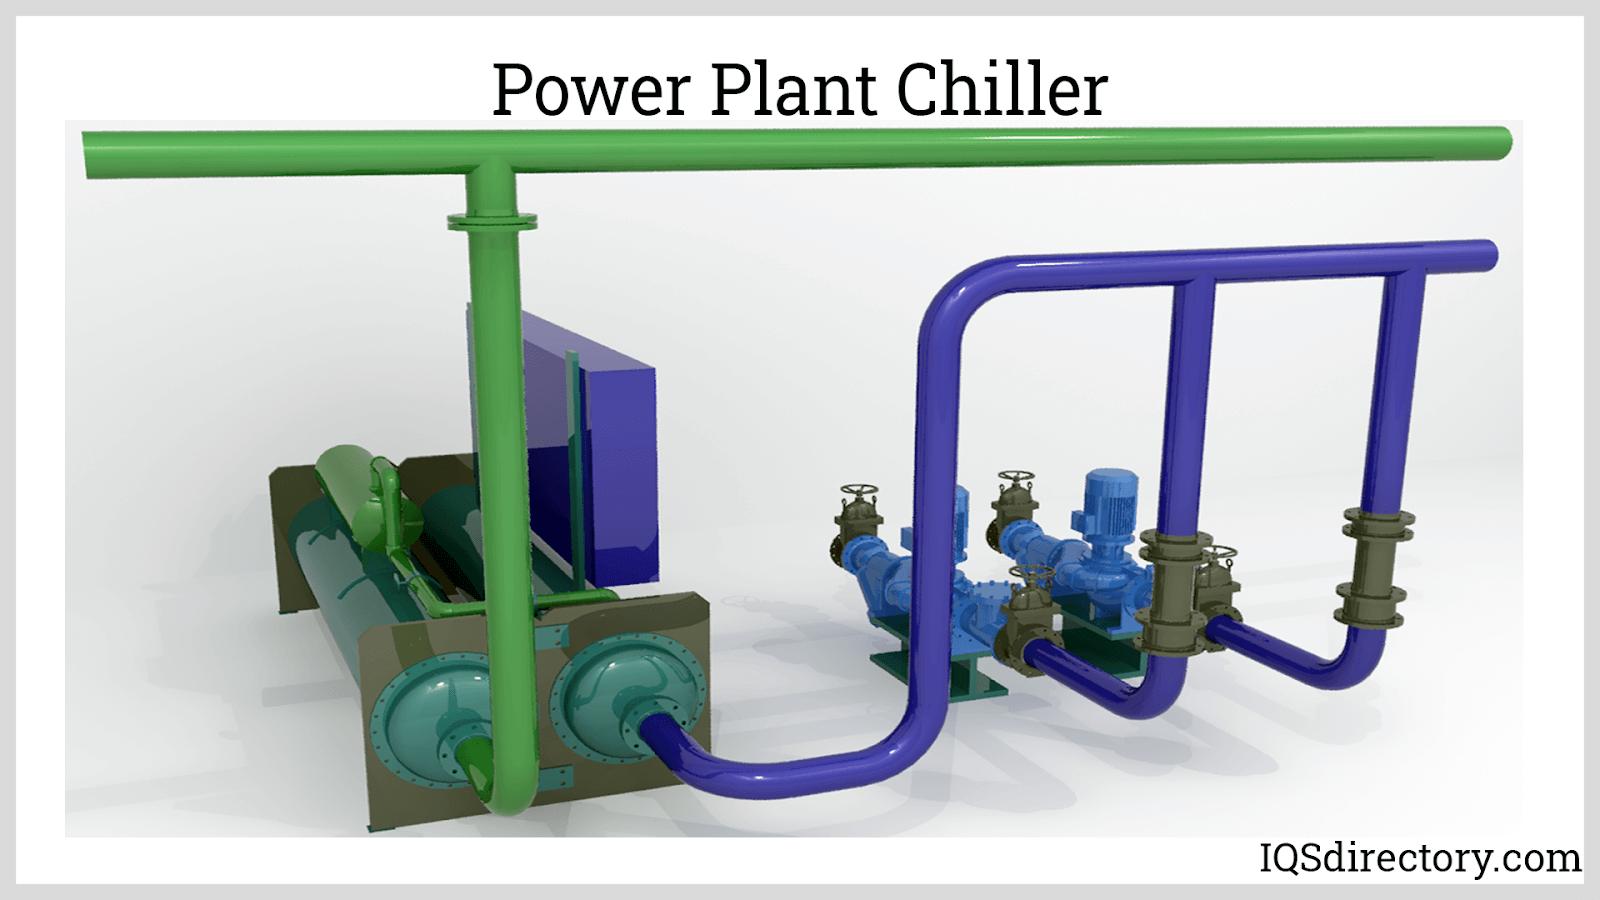 Power Plant Chiller